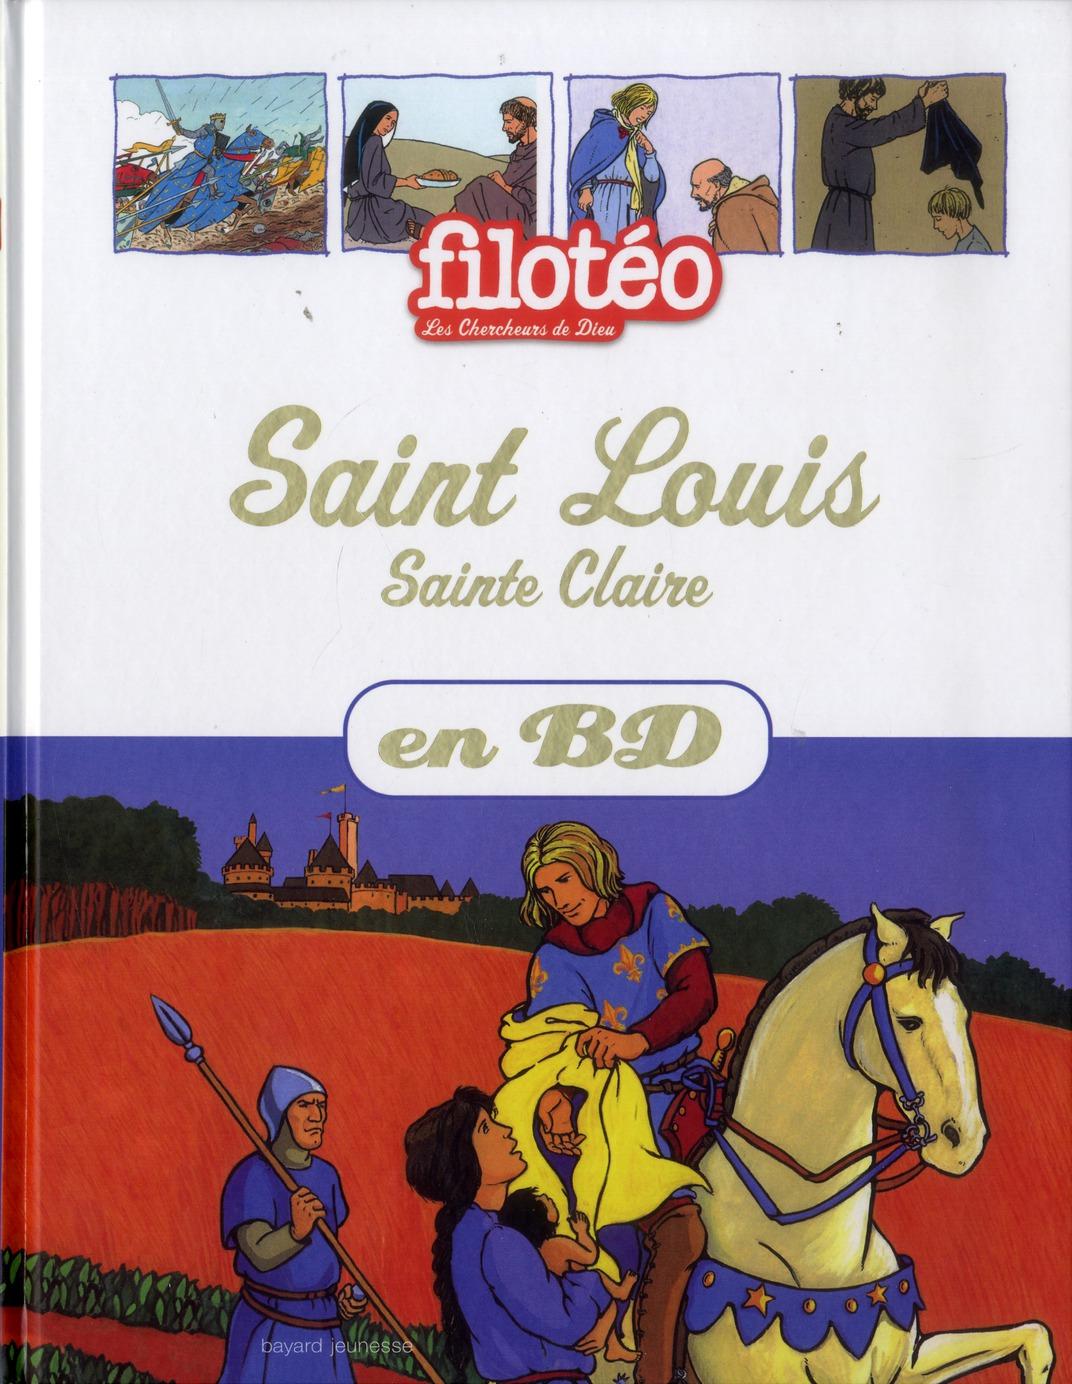 FILOTEO - LES CHERCHEURS DE DIEU T.10  -  SAINT LOUIS, SAINTE CLAIRE EN BD